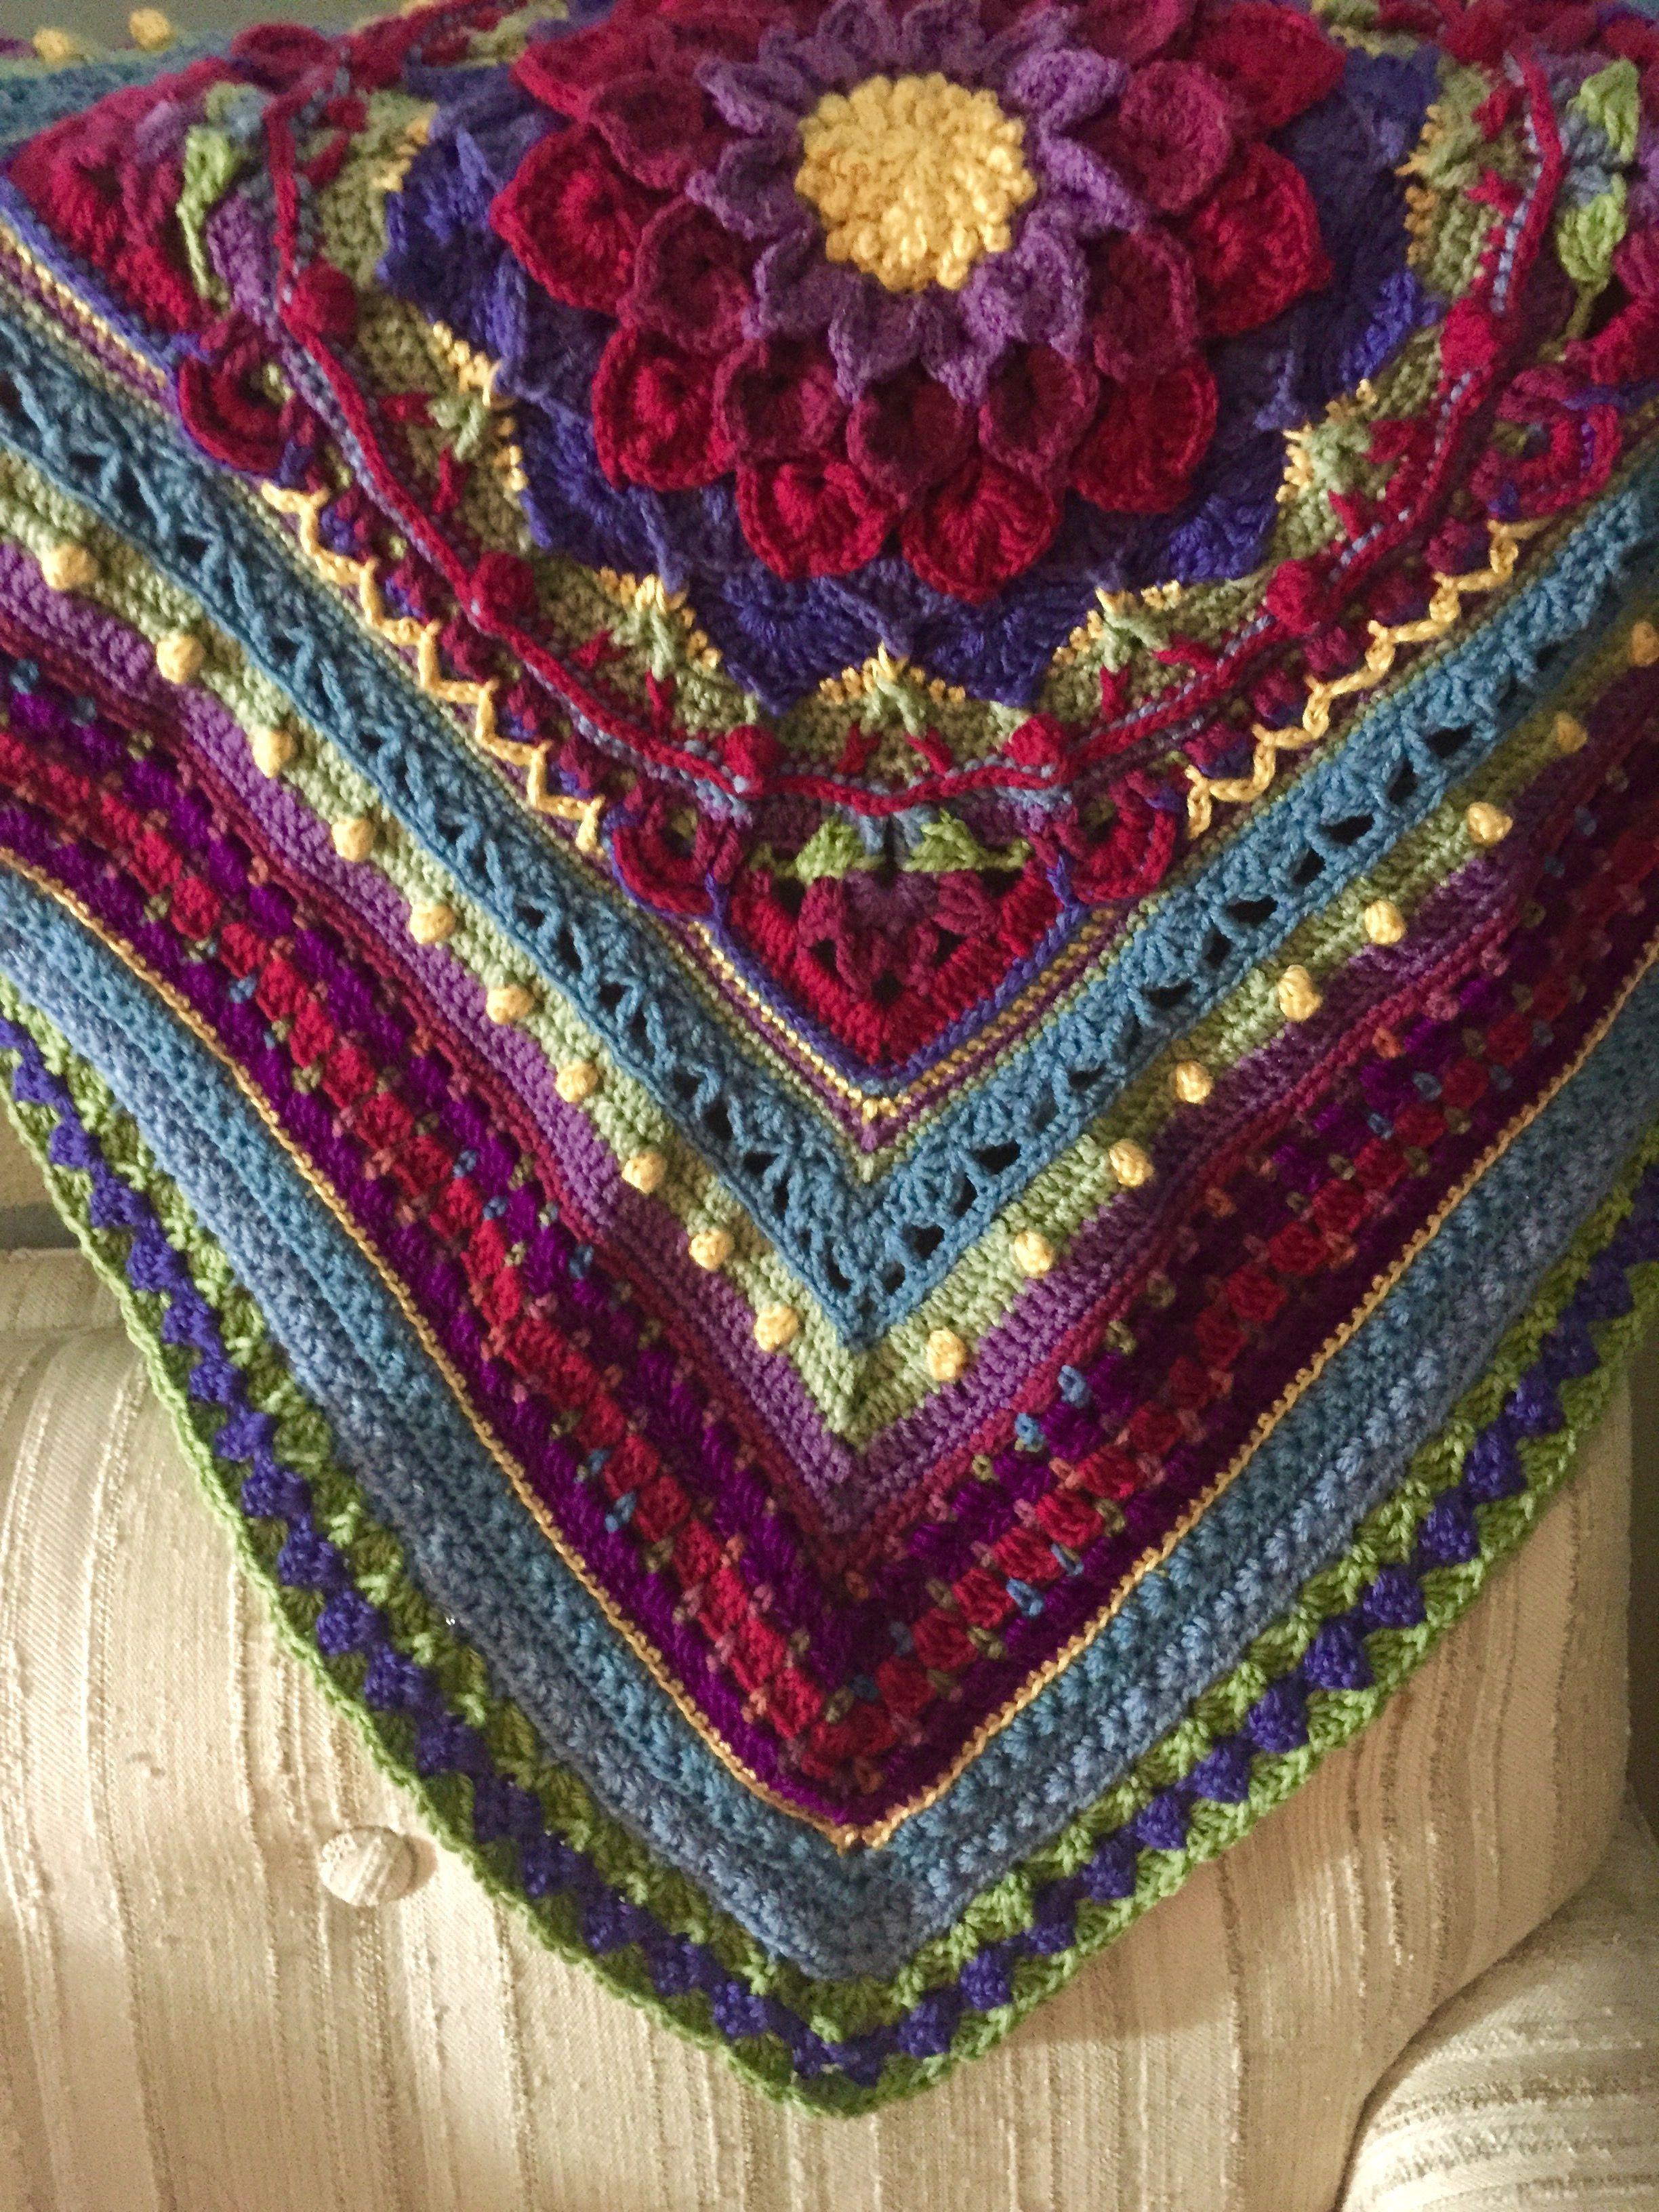 Red Crochet Blanket